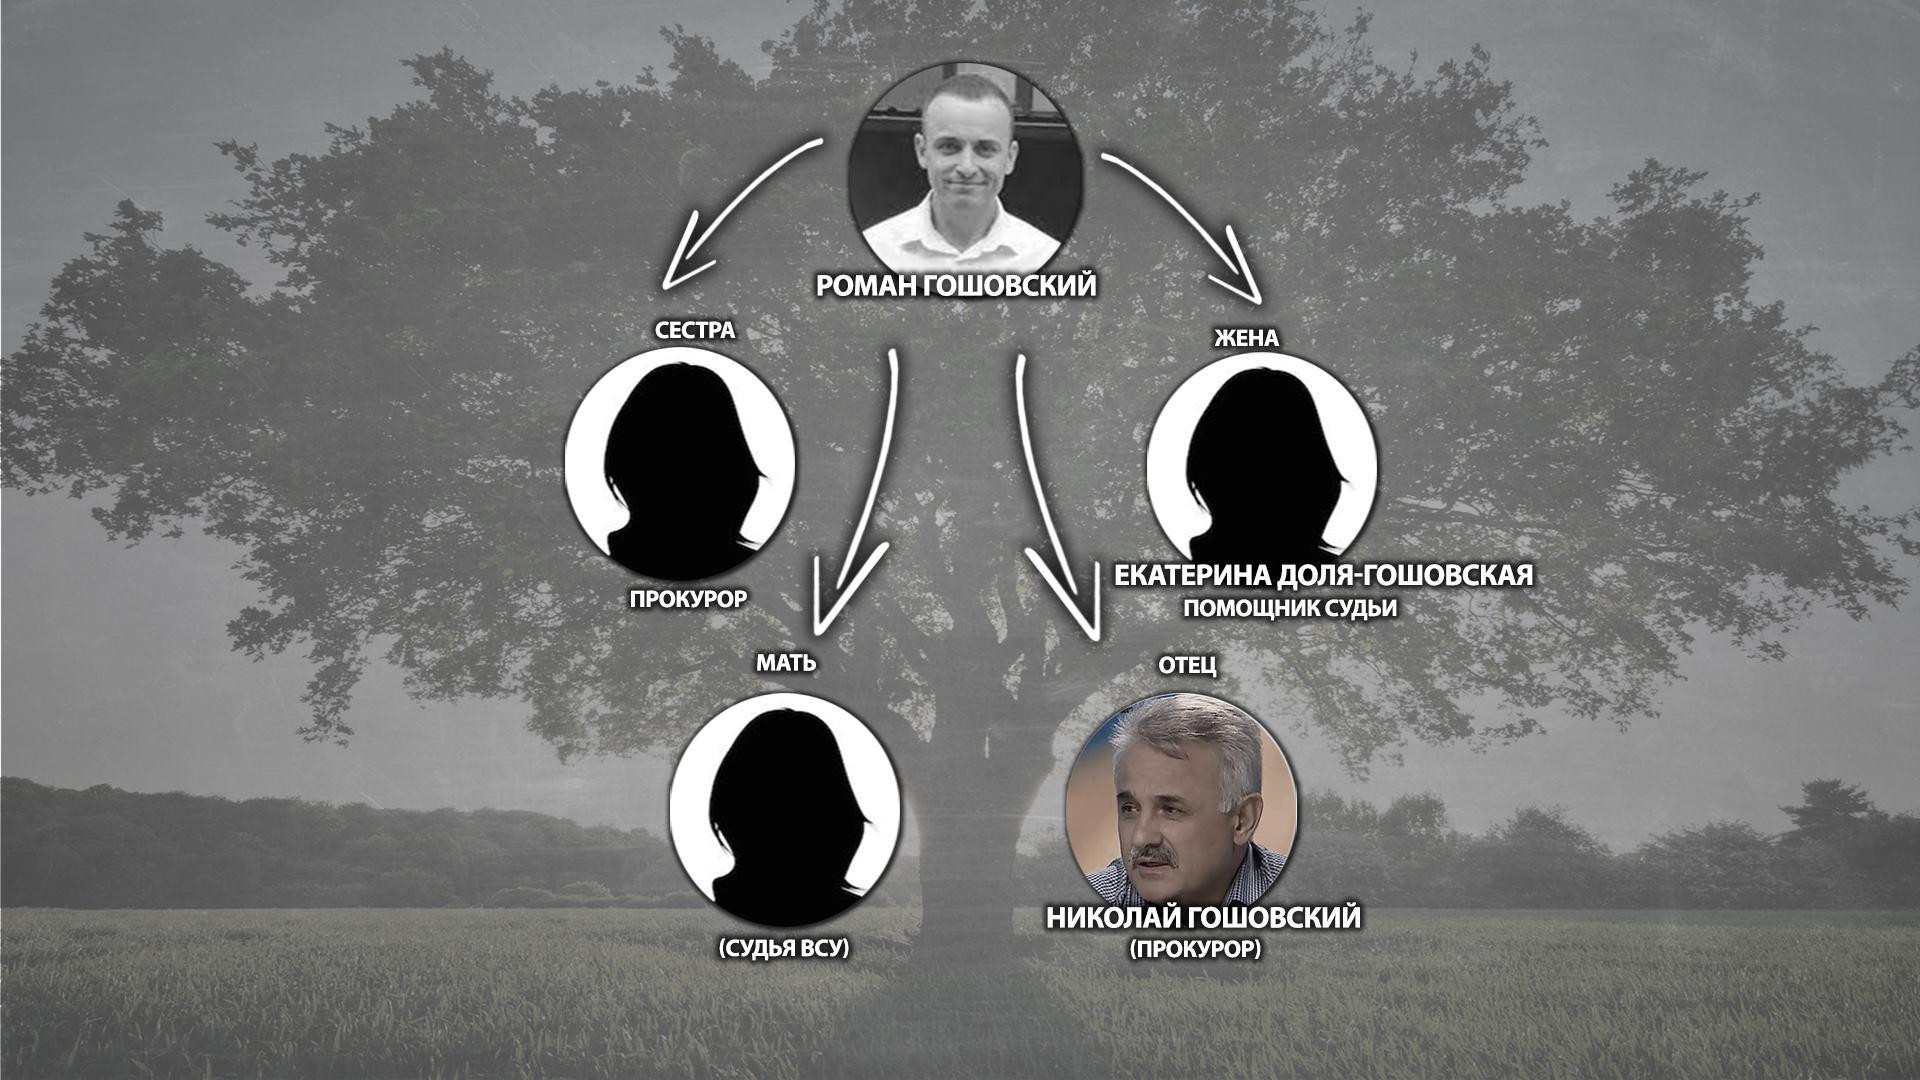 """Охота на ведьм или прокурорские промахи? Кто в Украине делает """"статистику"""" в борьбе с терроризмом"""